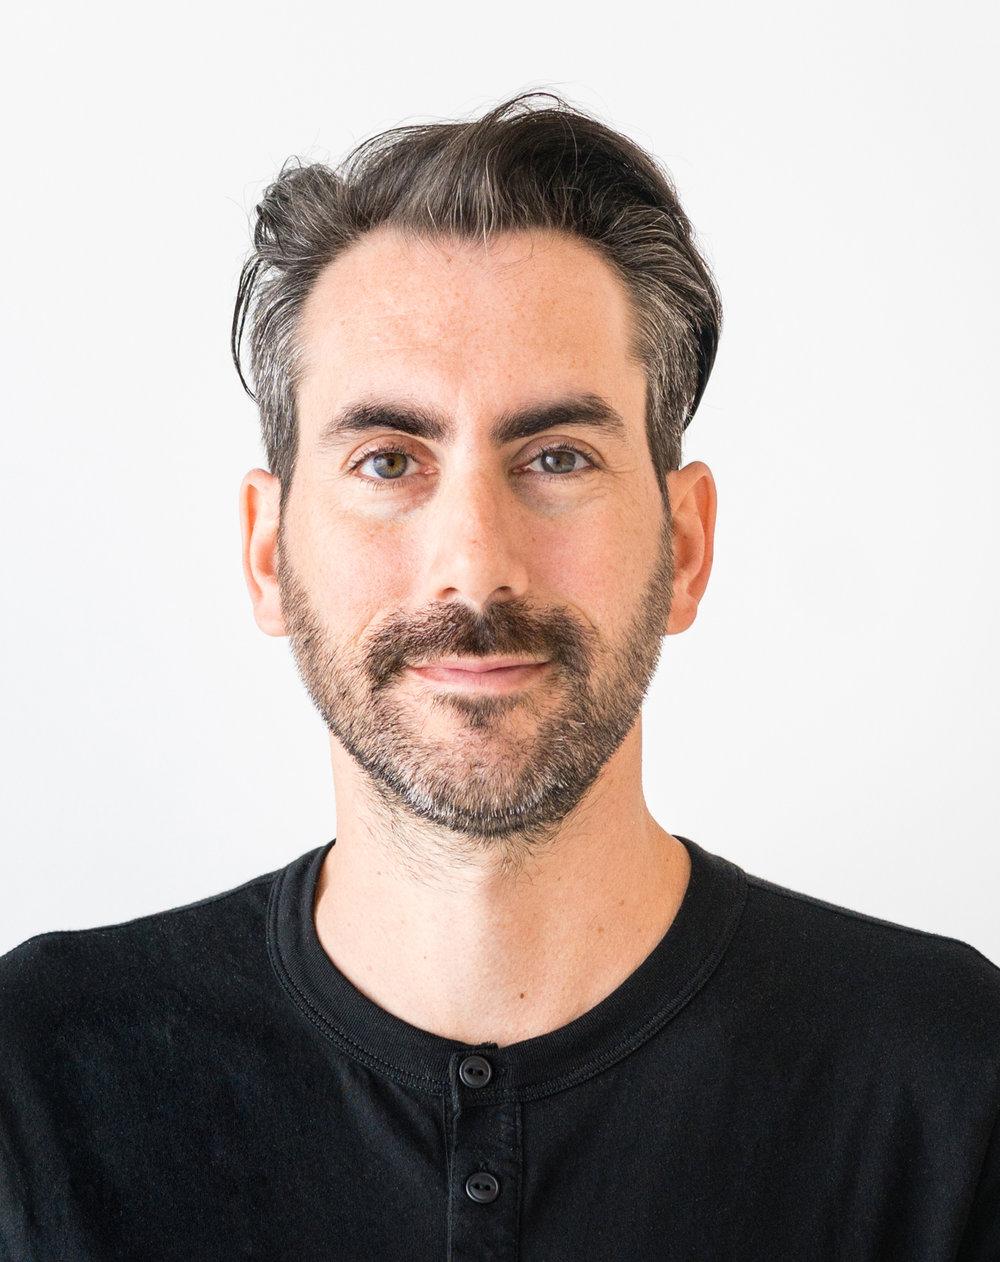 Dan Brunn, AIA, founder of  Dan Brunn Architecture